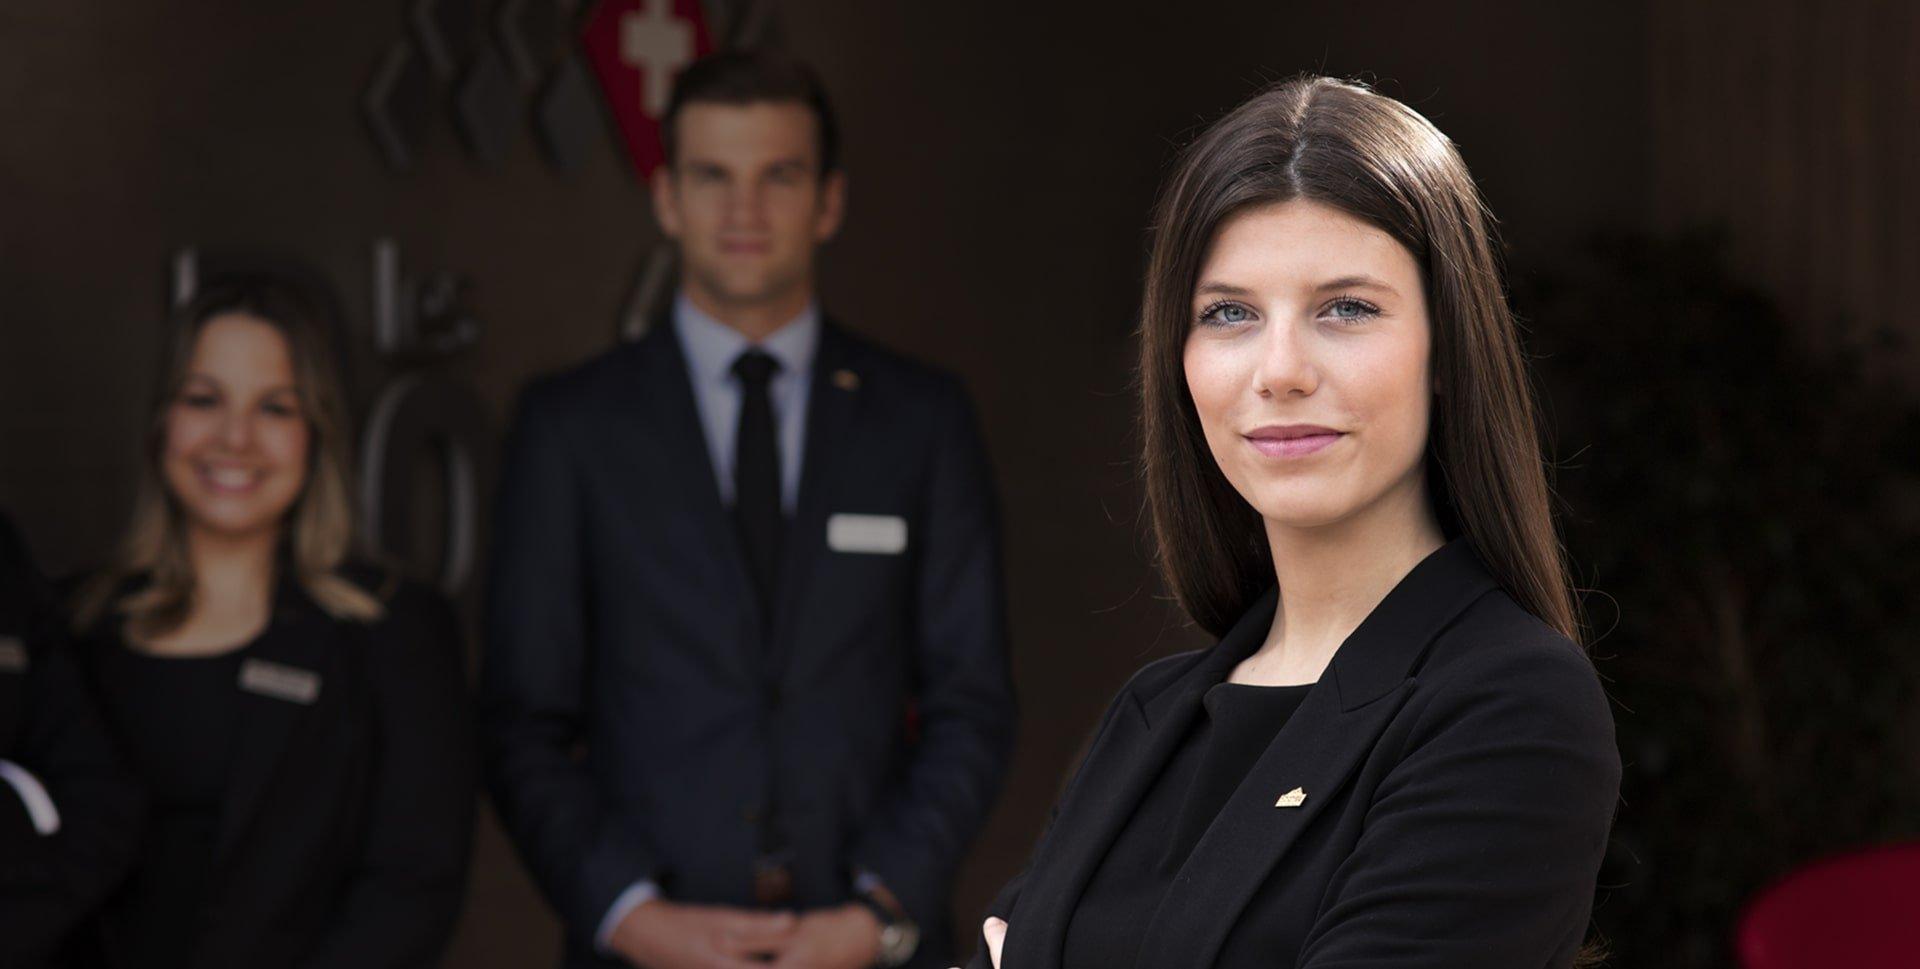 Второе высшее образование – гостиничный бизнес от университета гостеприимства Les Roches Marbella в Испании